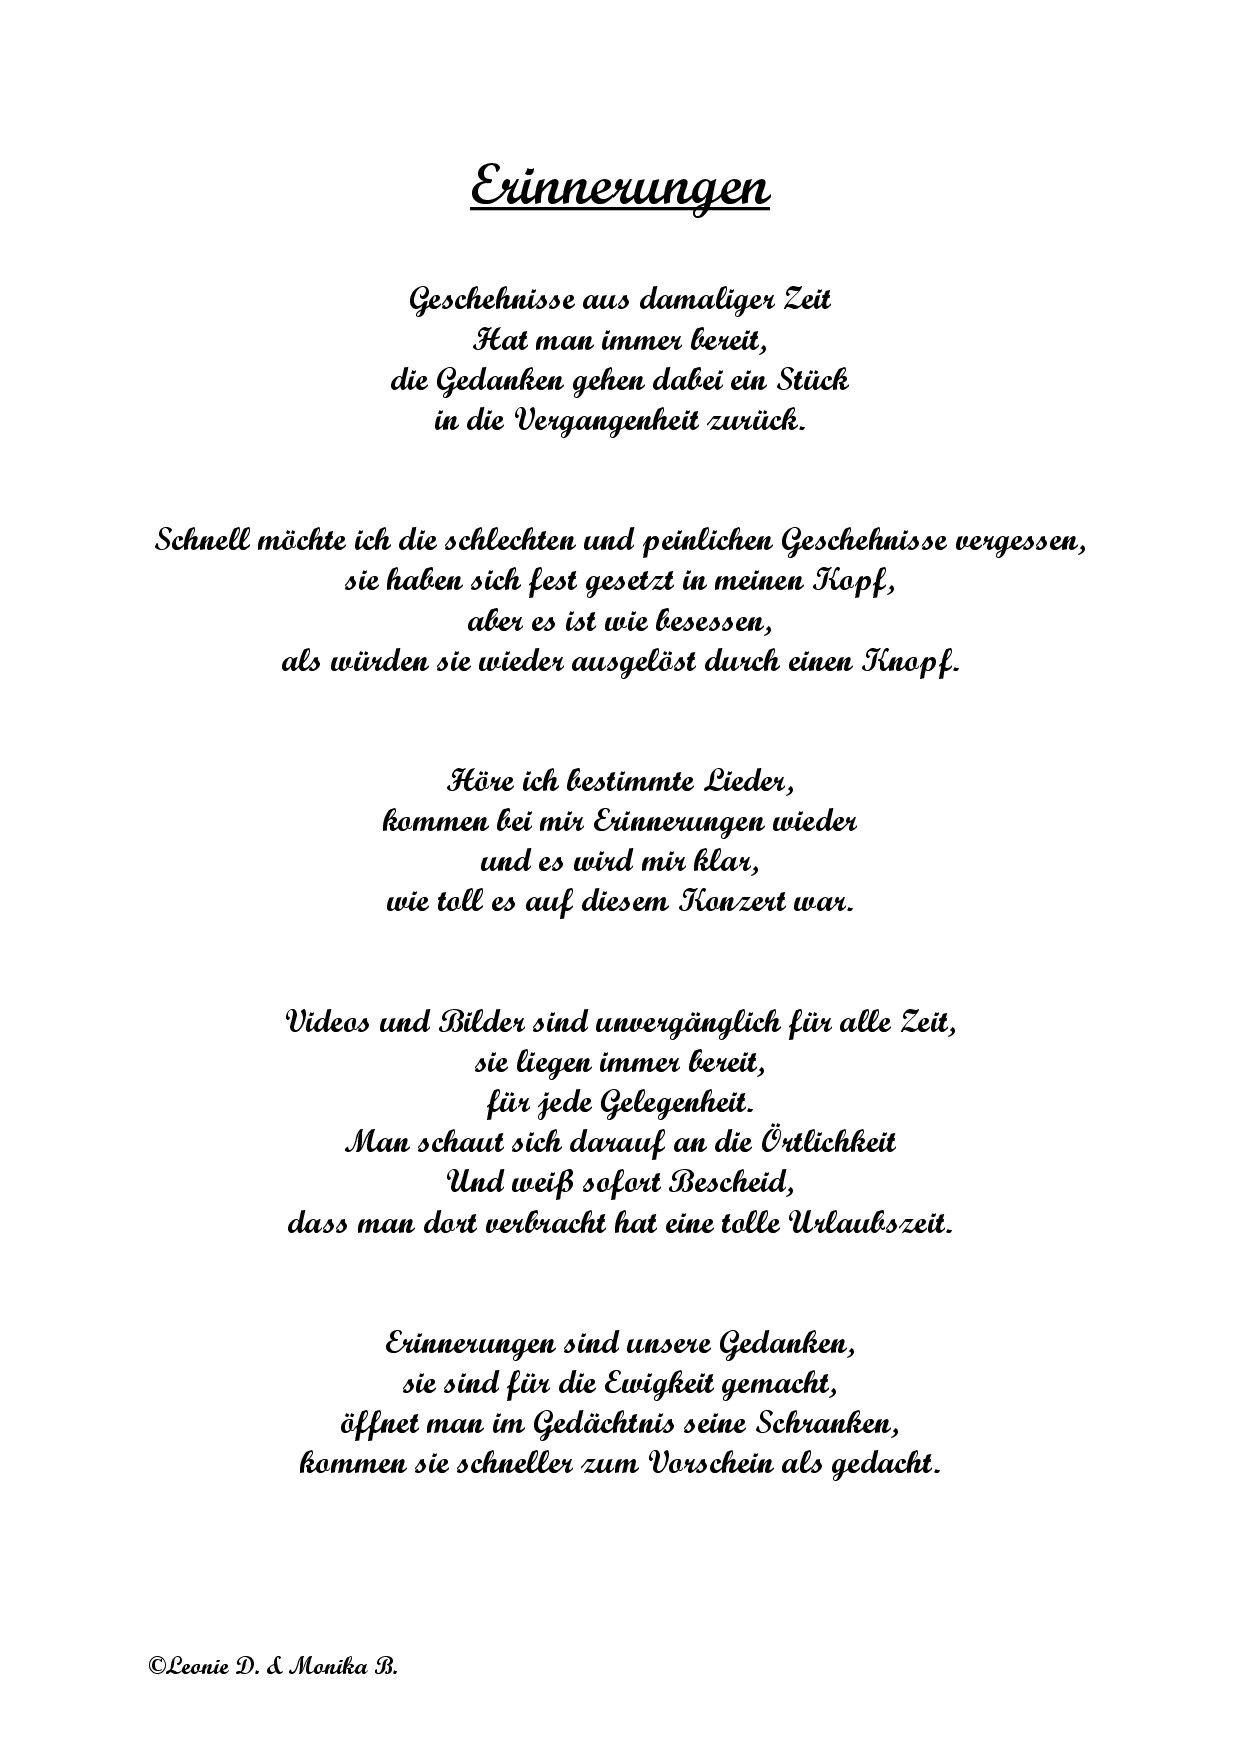 Ein Gedicht Welches Meine Oma Und Ich Selbst Geschrieben